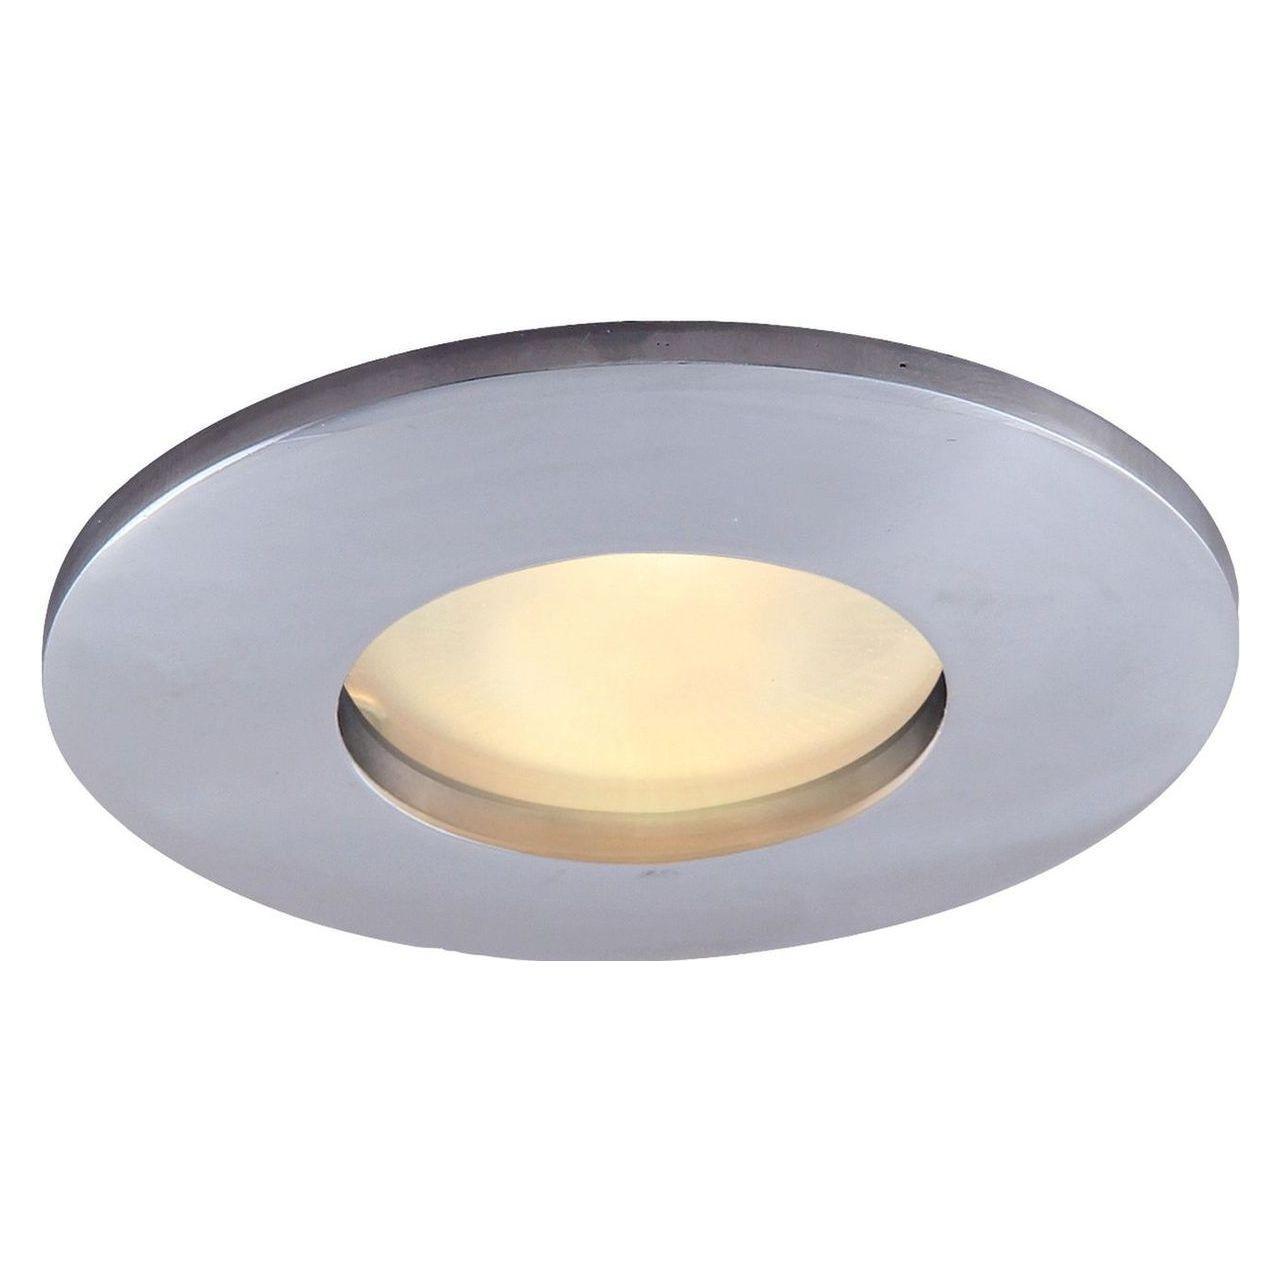 Встраиваемый светильник Arte Lamp Aqua A5440PL-1CC arte lamp встраиваемый светильник aqua a5440pl 1ab